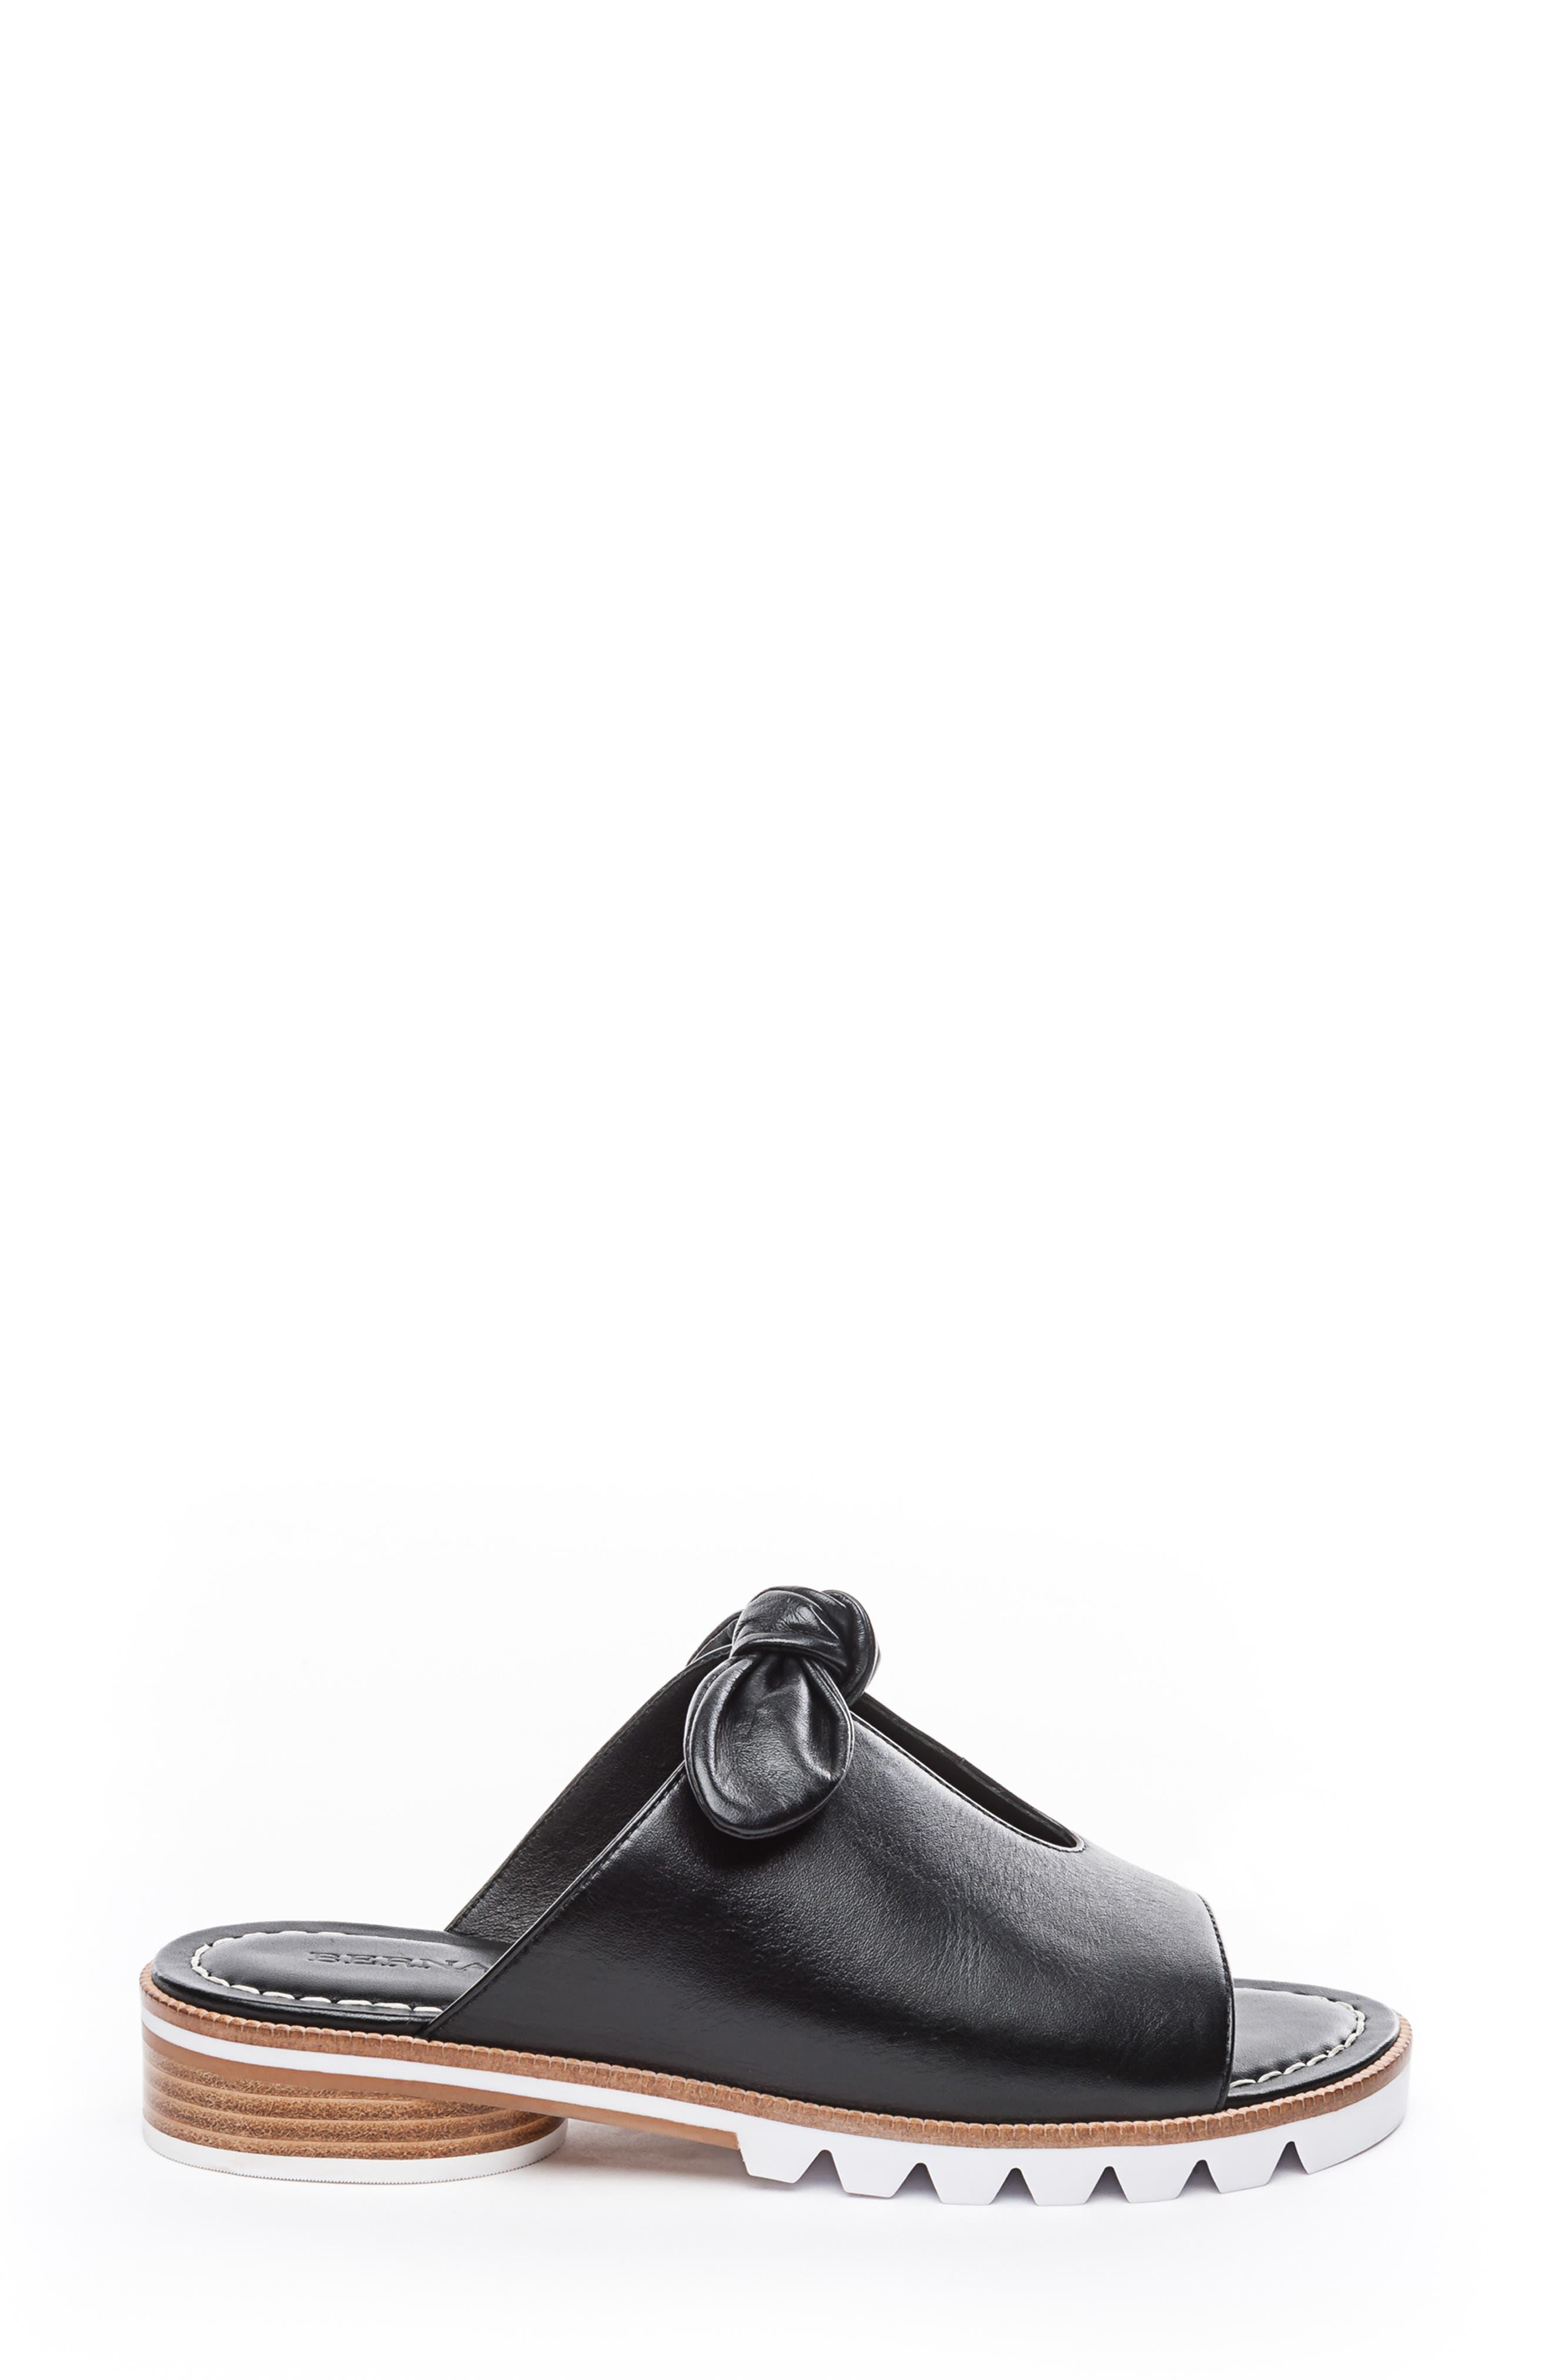 BERNARDO, Alice Bow Slide Sandal, Alternate thumbnail 3, color, BLACK LEATHER